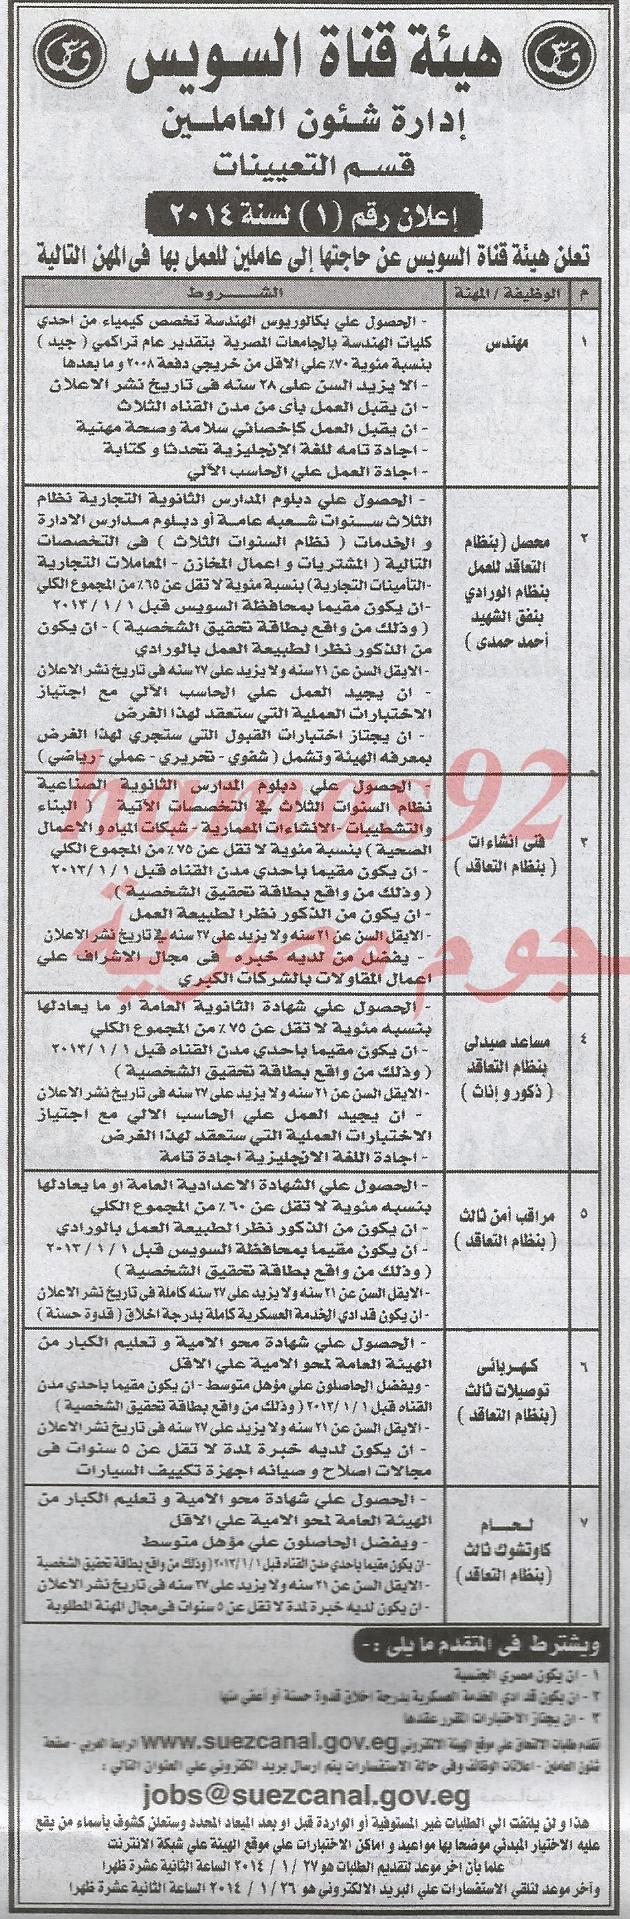 وظائف جريدة الاخبار اليوم الاثنين 13-01-2014